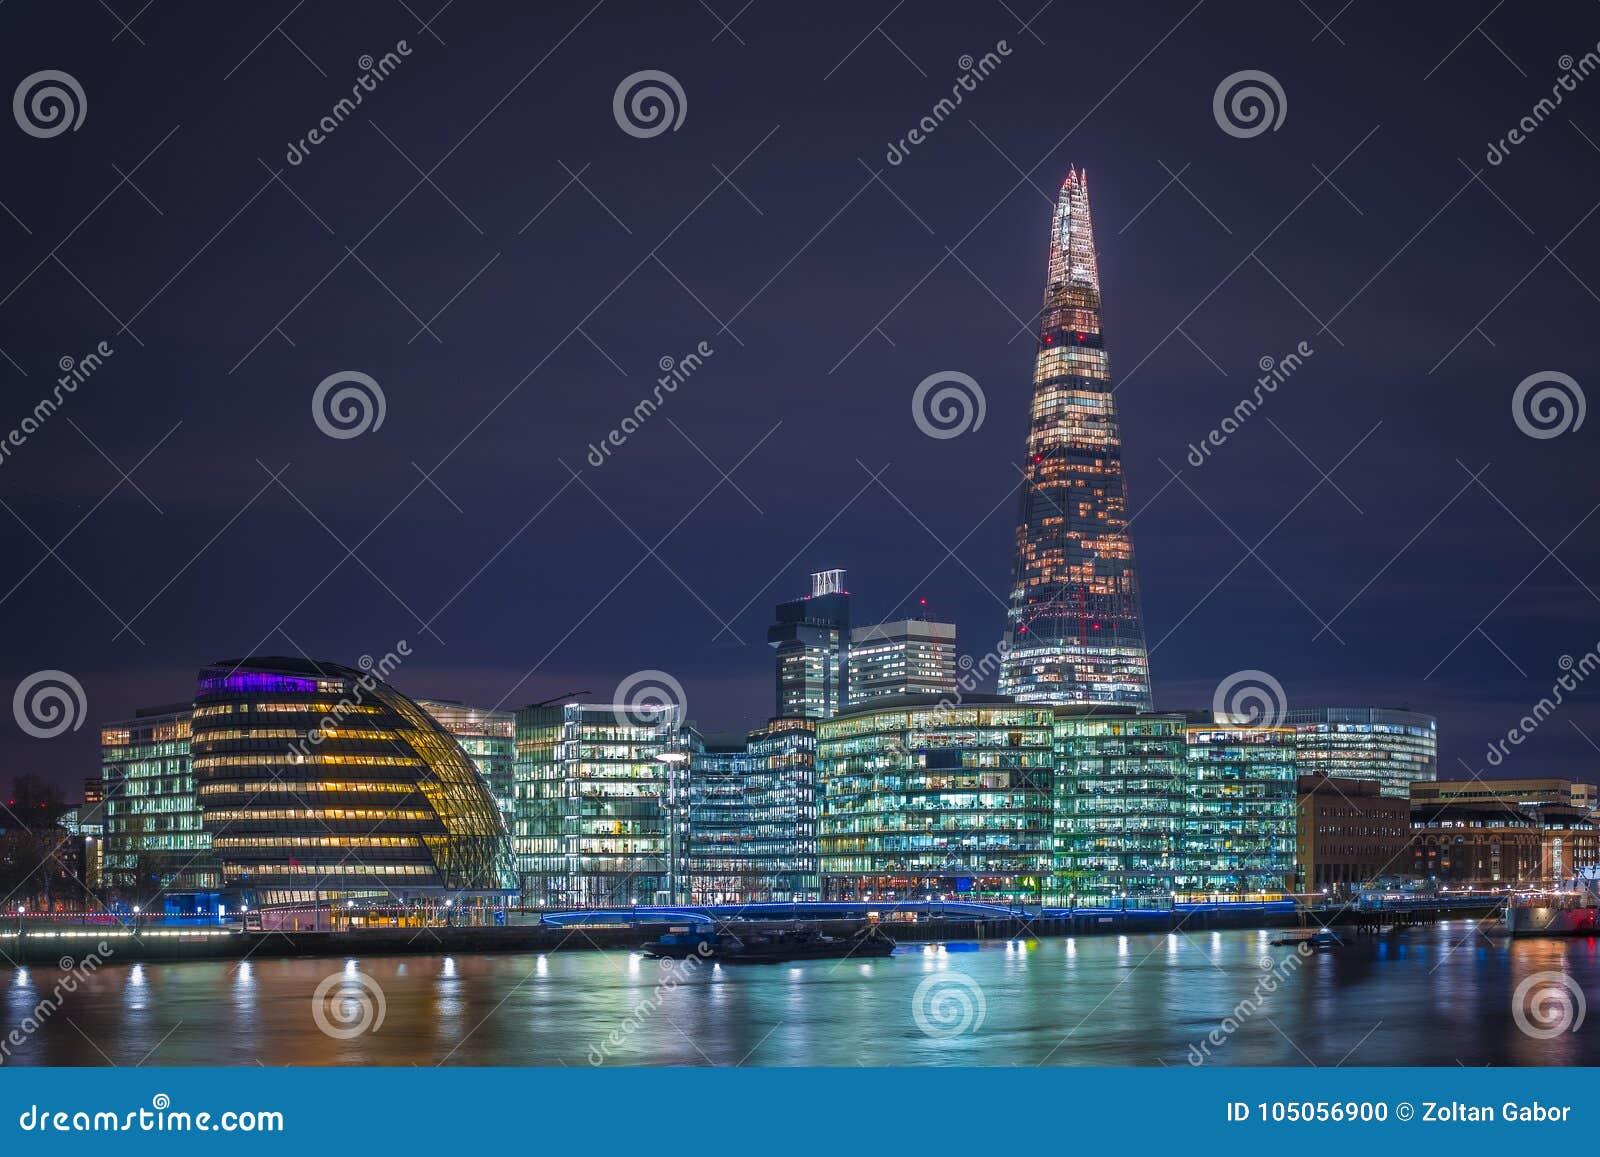 Londres, Inglaterra - câmara municipal de Londres e escritórios com o arranha-céus famoso do estilhaço na noite